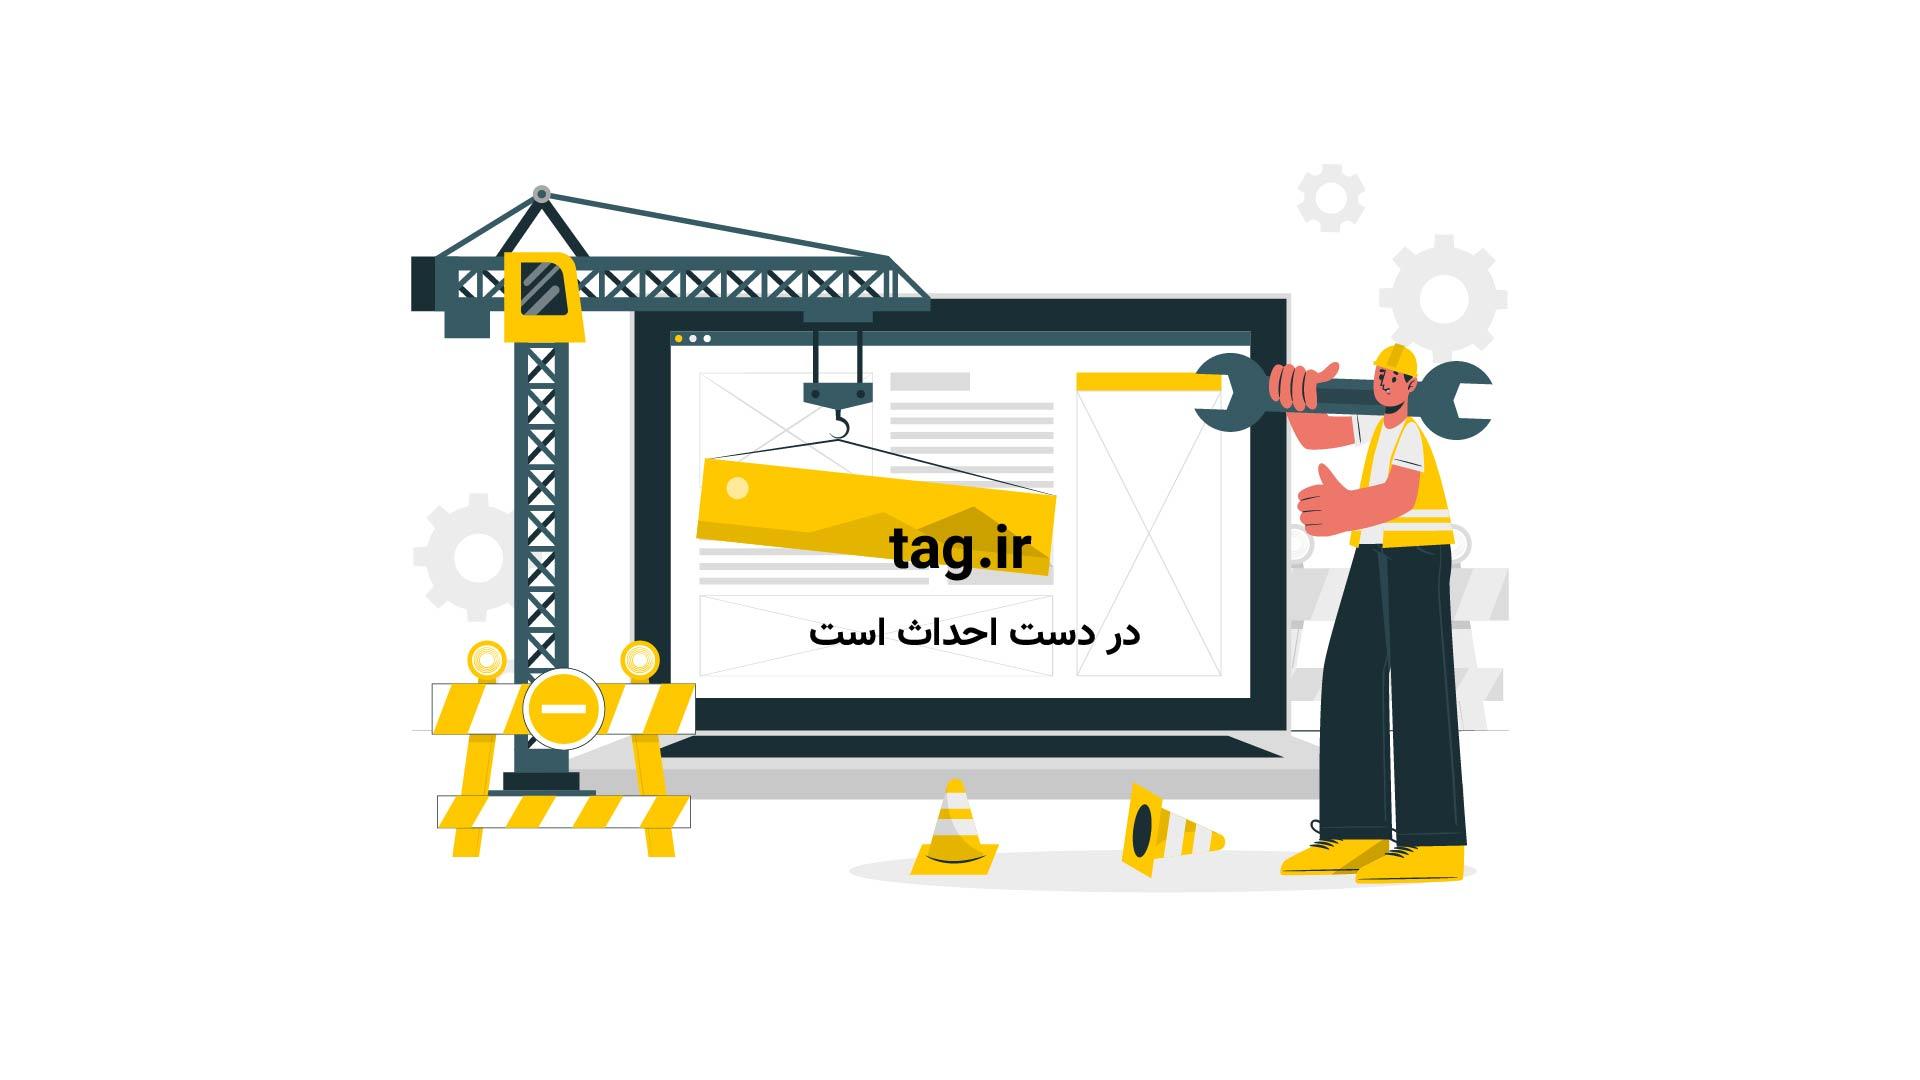 آموزش کادو کردن هدیه با استفاده از کوکی ویژه کریسمس | فیلم